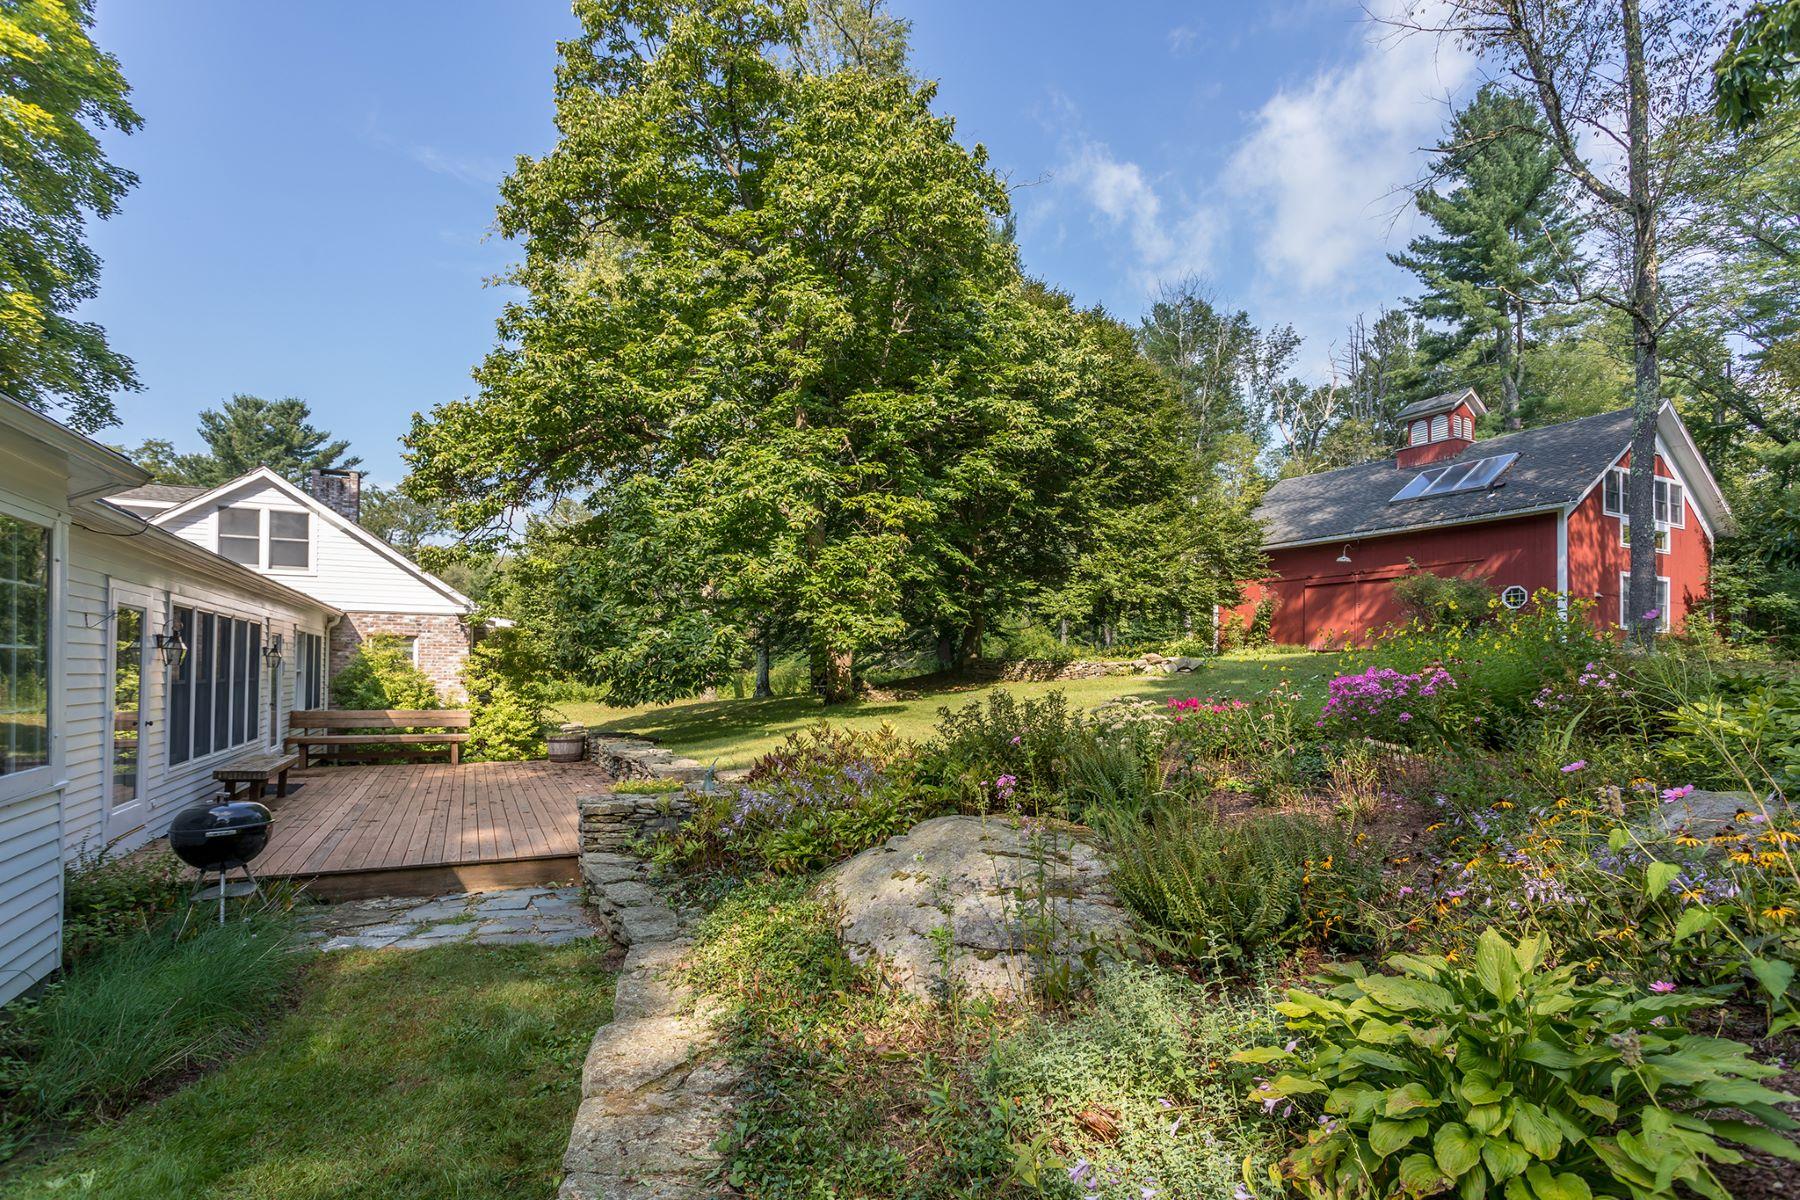 Maison unifamiliale pour l Vente à 1830 Colonial with a pond and gardens 3 Hart Hill Road, Cornouailles, Connecticut 06796 États-Unis